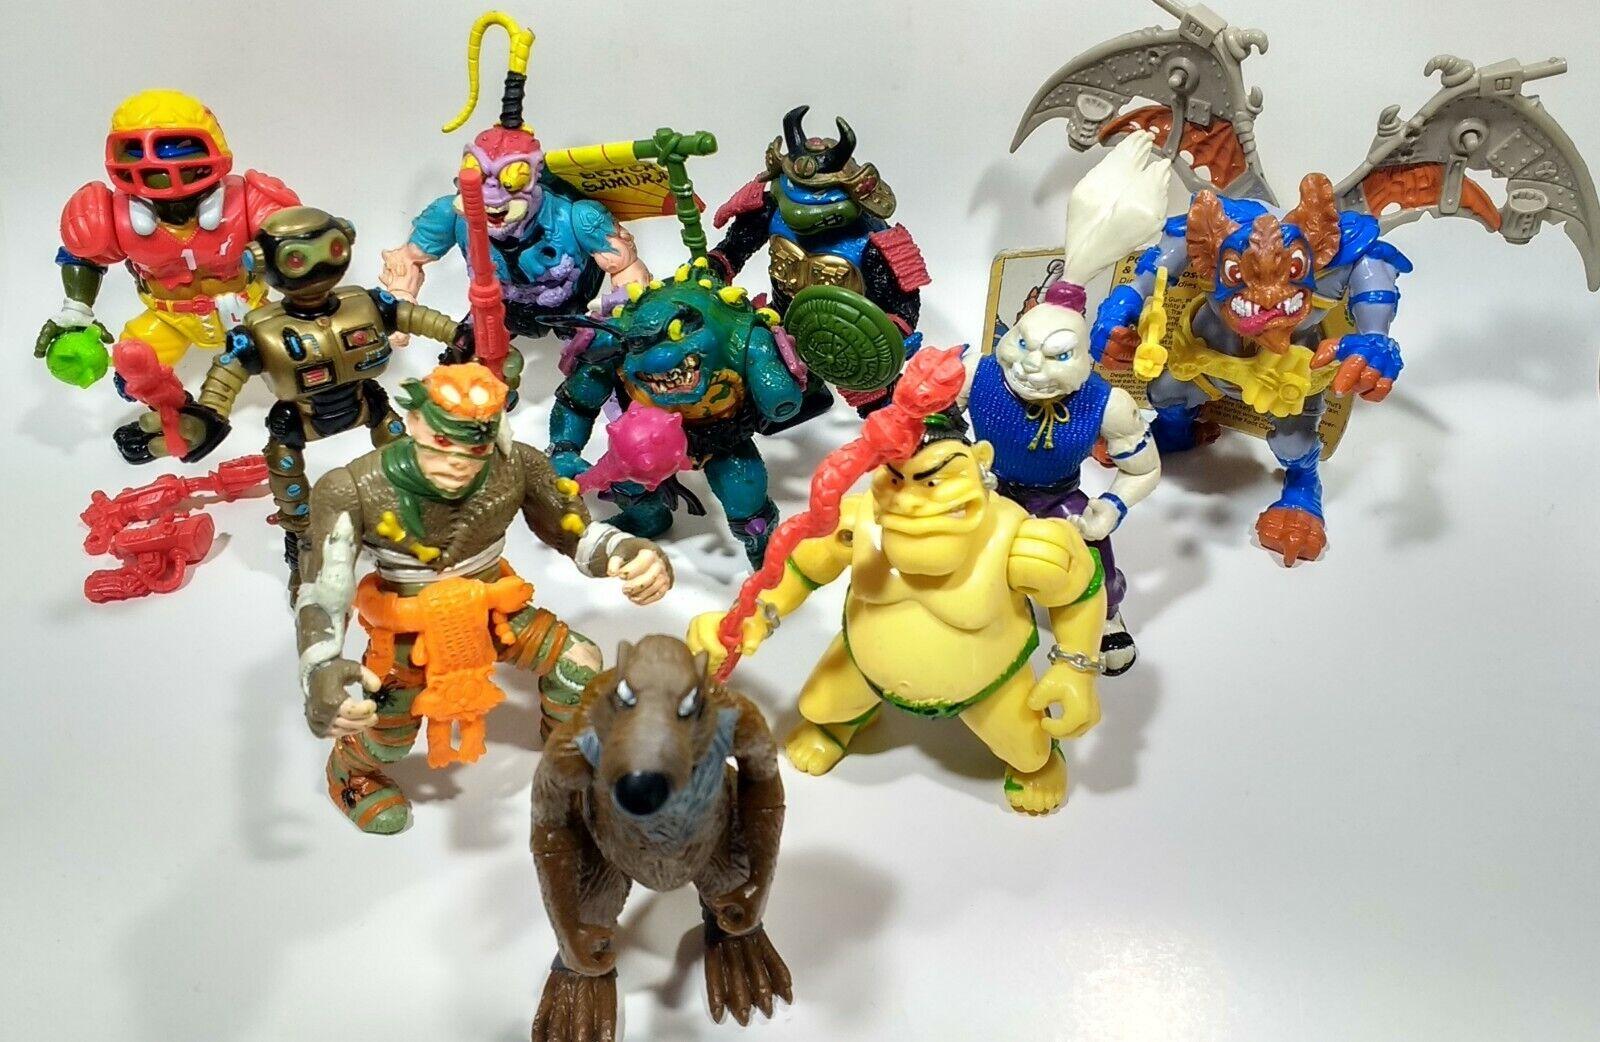 1989 Tmnt Lote 18 figuras 50+ Accesorios + Extras Teenage Mutant Ninja Turtles